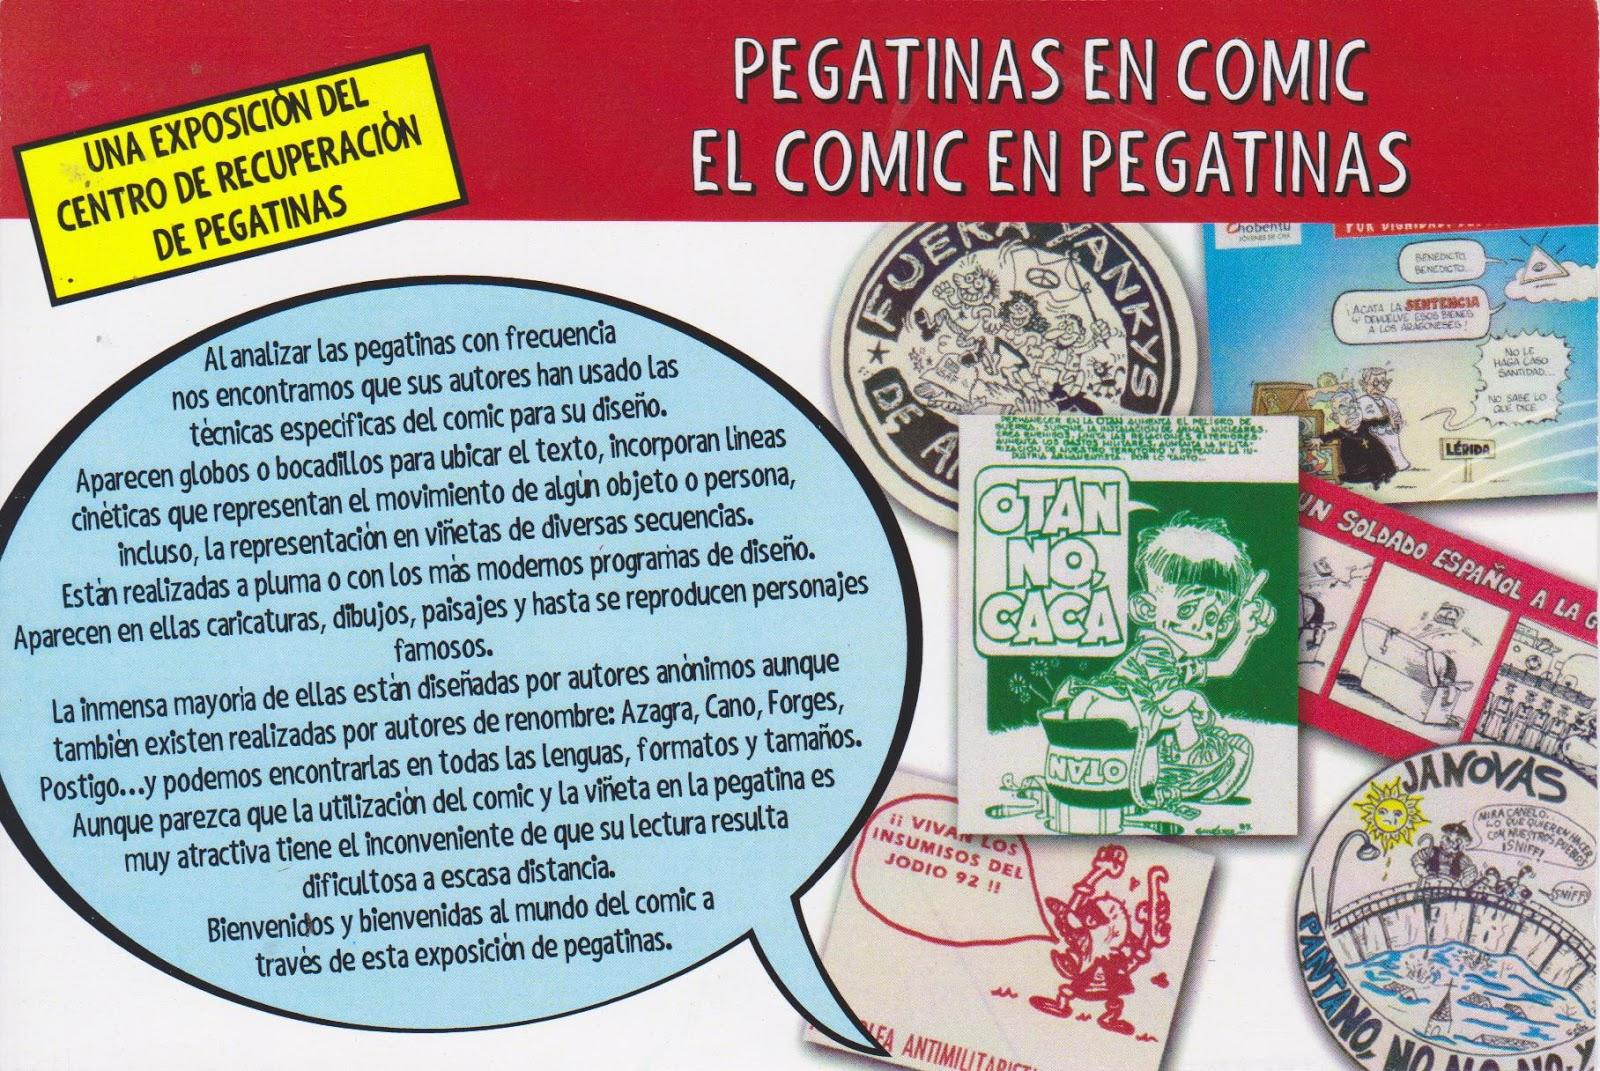 EXPOSICION HUMOR GRAFICO EL COMIC EN PEGATINAS